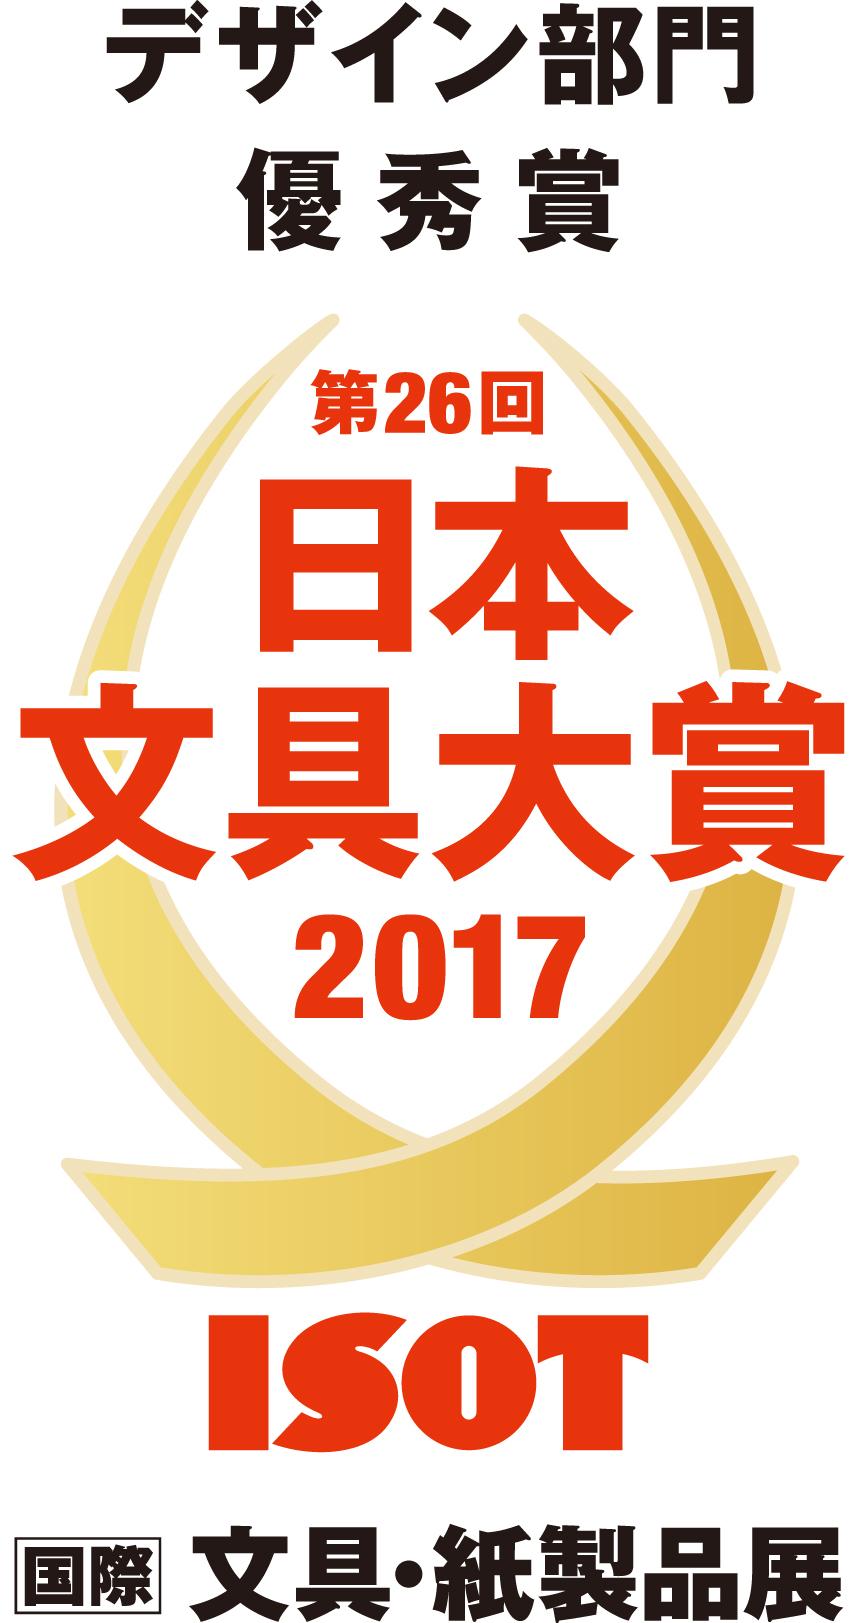 祝・日本文具大賞デザイン部門優秀賞受賞しました。